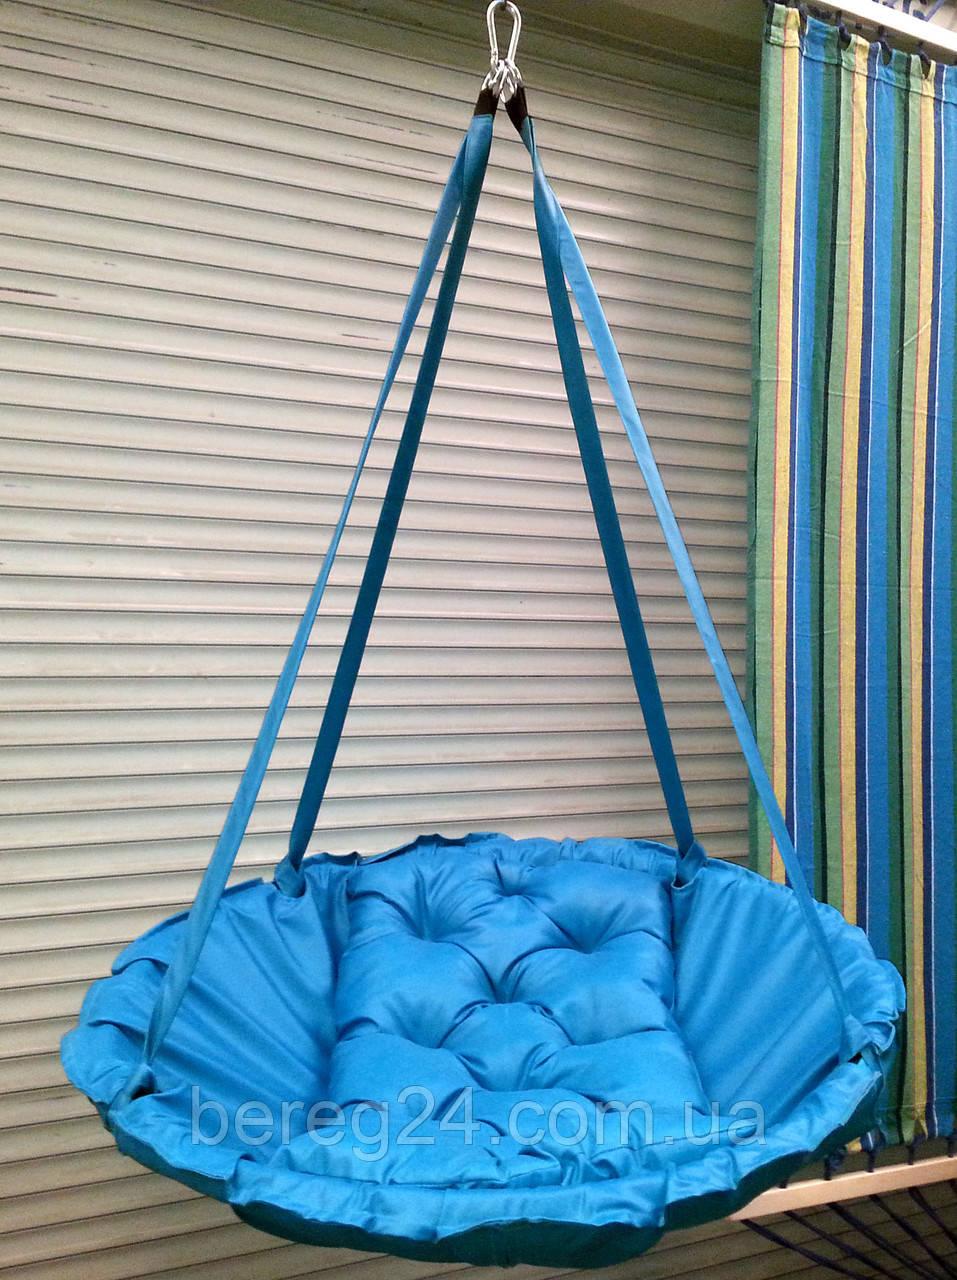 Подвесное кресло. Качеля садовая. Качеля подвесная. Гамак. Кресло качеля. Качеля гамак. Кокон. Голубой